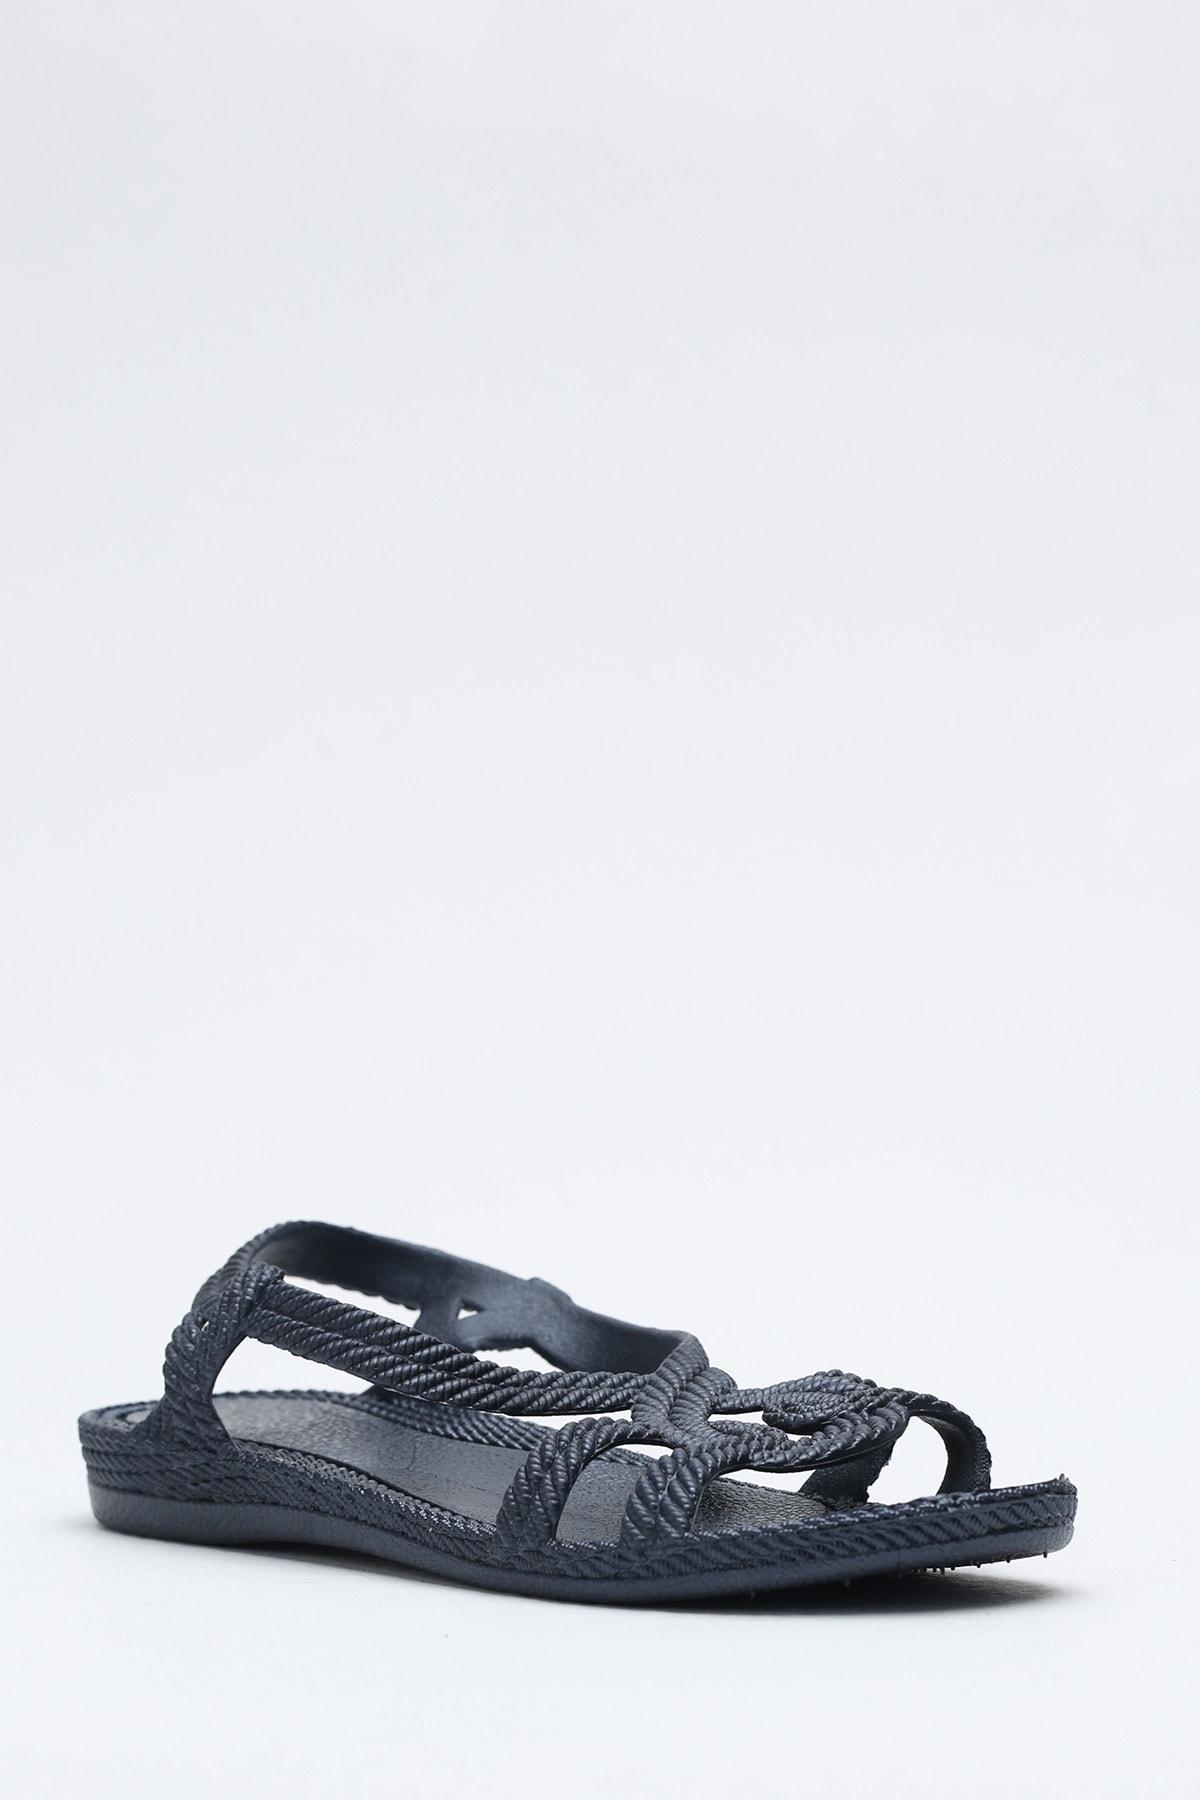 Ayakkabı Modası Lacivert Kadın Sandalet M9999-19-100244R 1